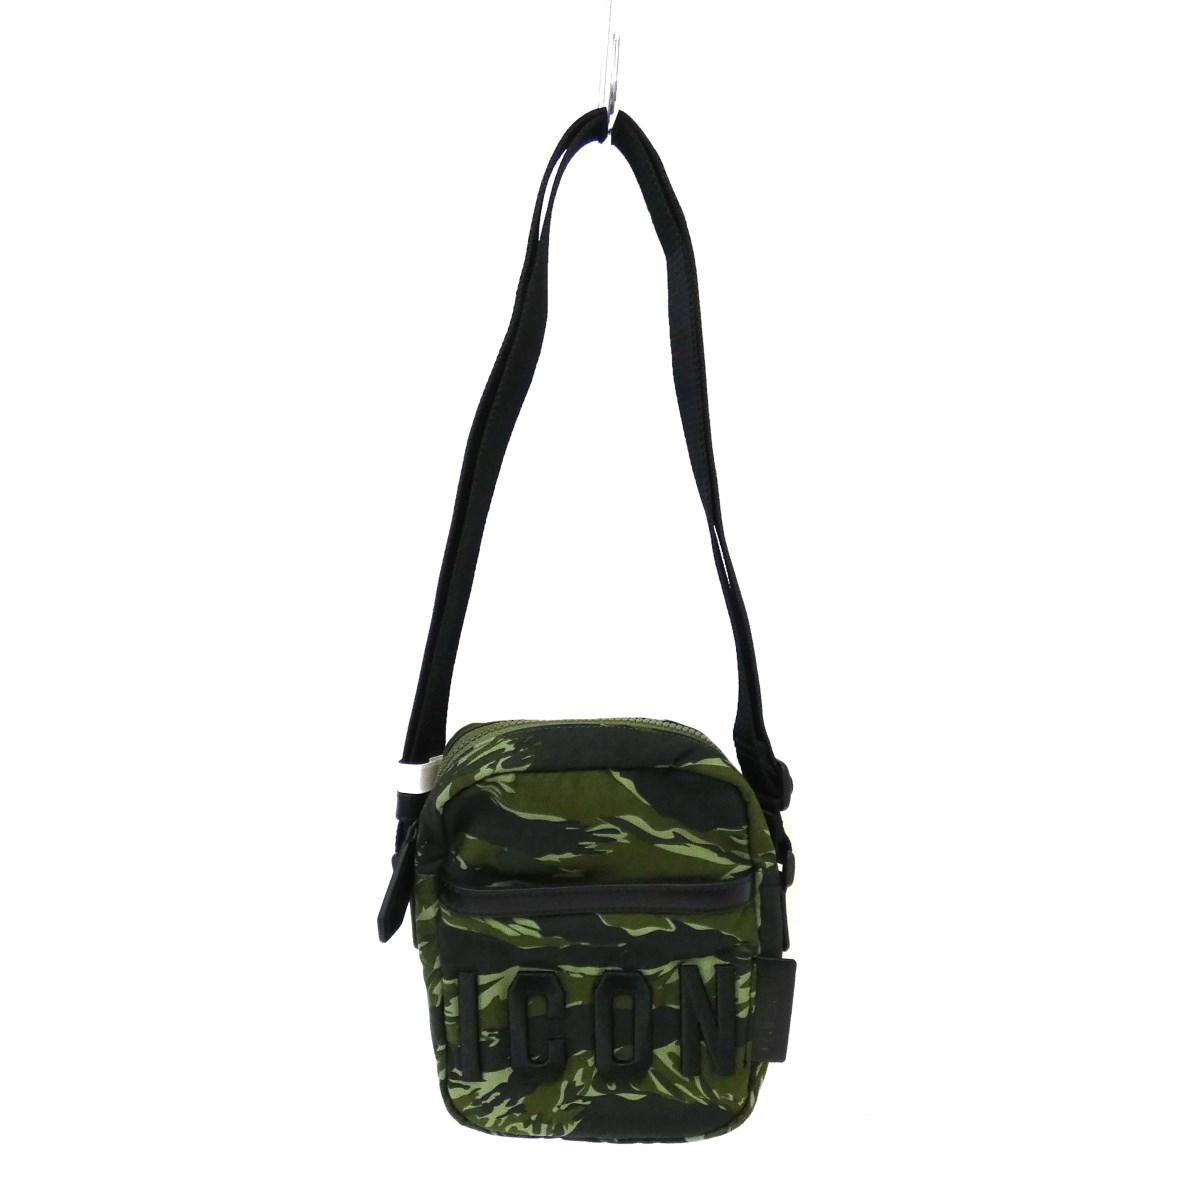 12月12日 お値段見直しました 中古 大決算セール DSQUARED219SS Crossbody Bag カモショルダーバッグ カーキ サイズ:- 商舗